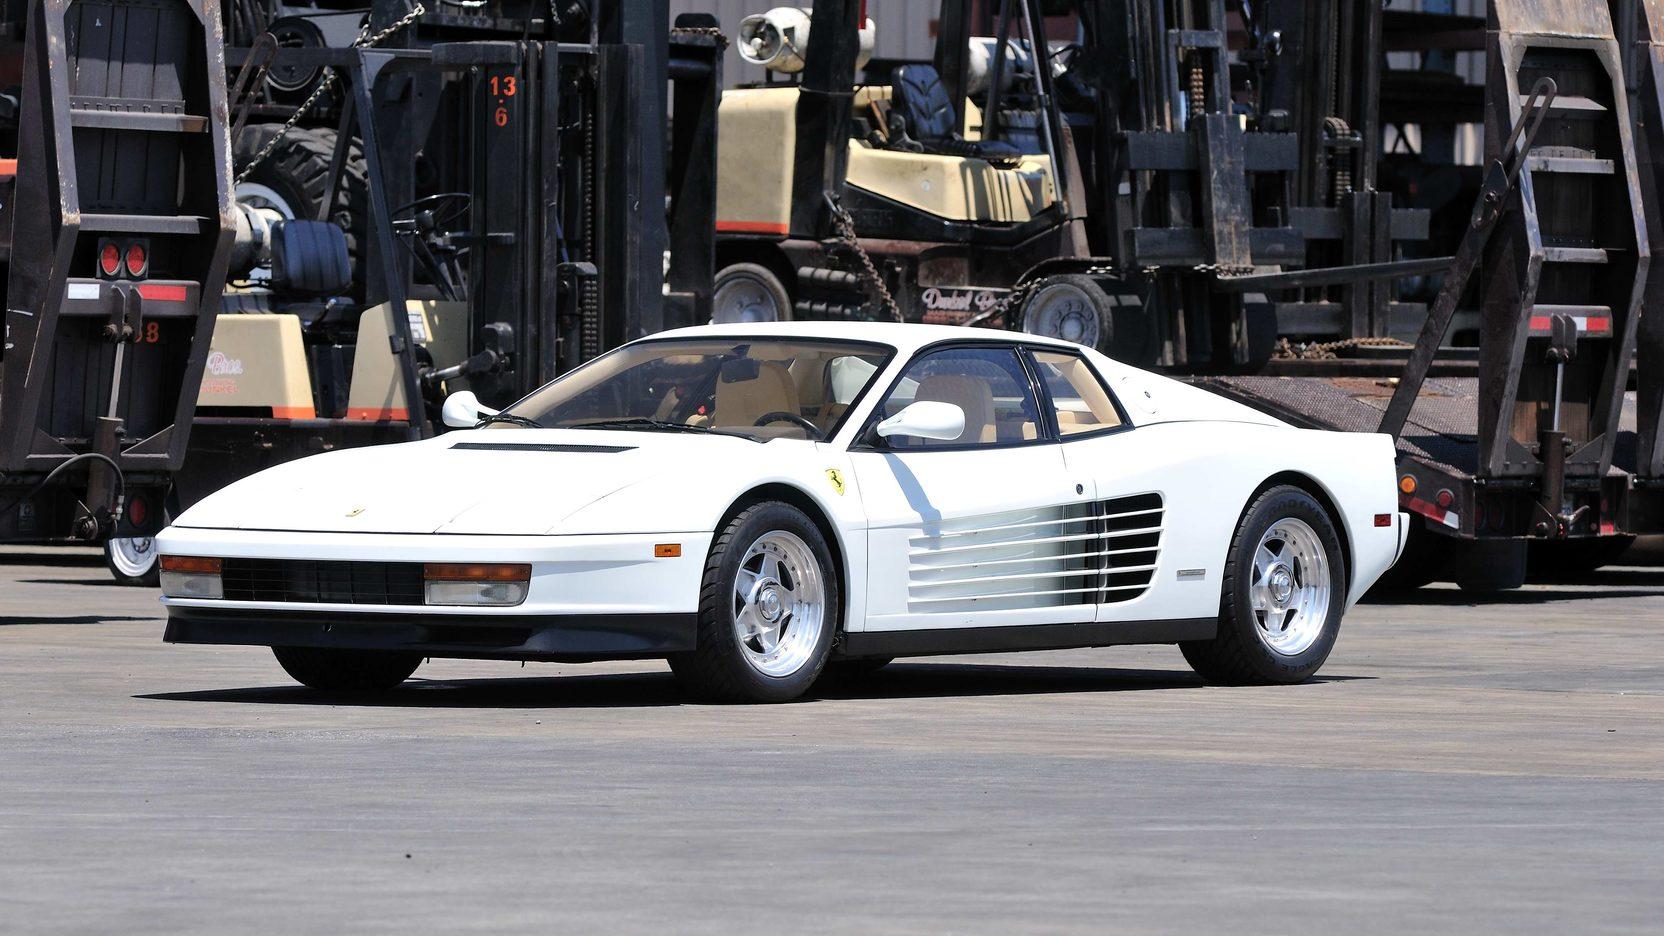 1988 Ferrari Testarossa S184 Monterey 2013